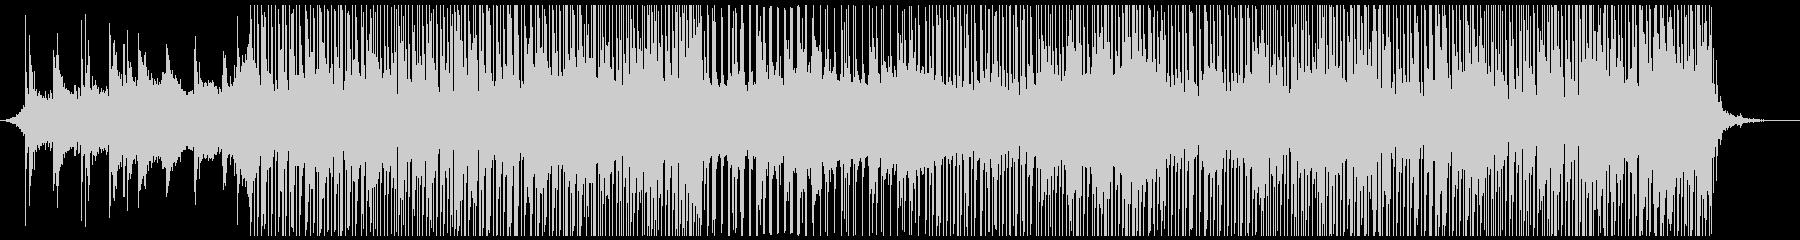 何かが始まるスペーシーでファットな曲の未再生の波形